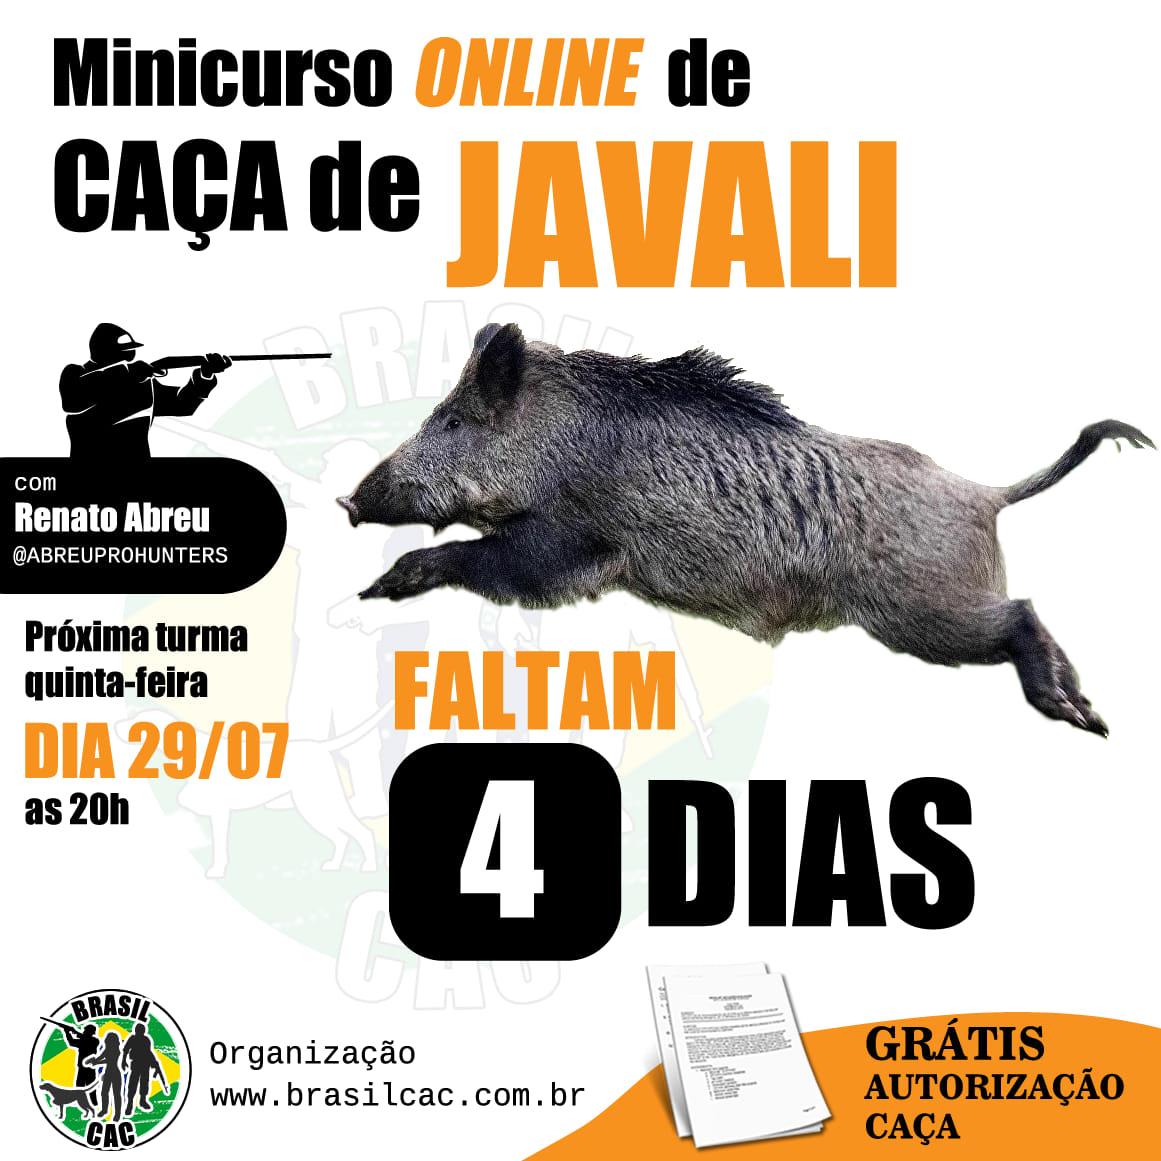 Anúncio de curso de caça de javali da organização Brasil Cac divulgado em grupos de Facebook